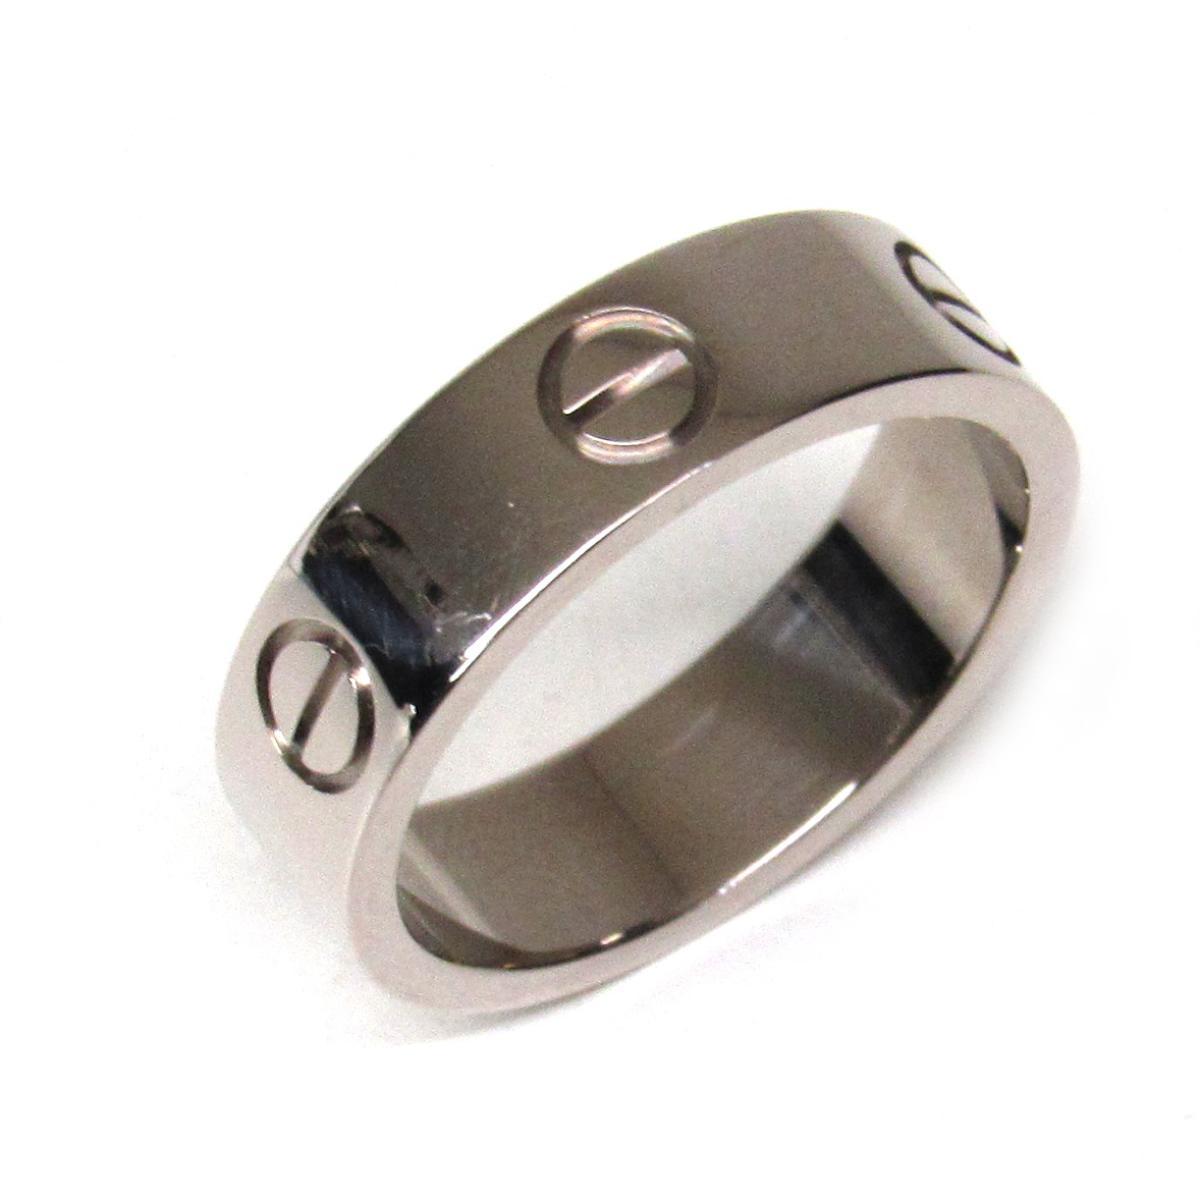 【中古】 カルティエ ラブリング 指輪 メンズ レディース K18WG (750) ホワイトゴールド シルバー | Cartier リング K18 18K 18金 ラブリング ブランドオフ BRANDOFF